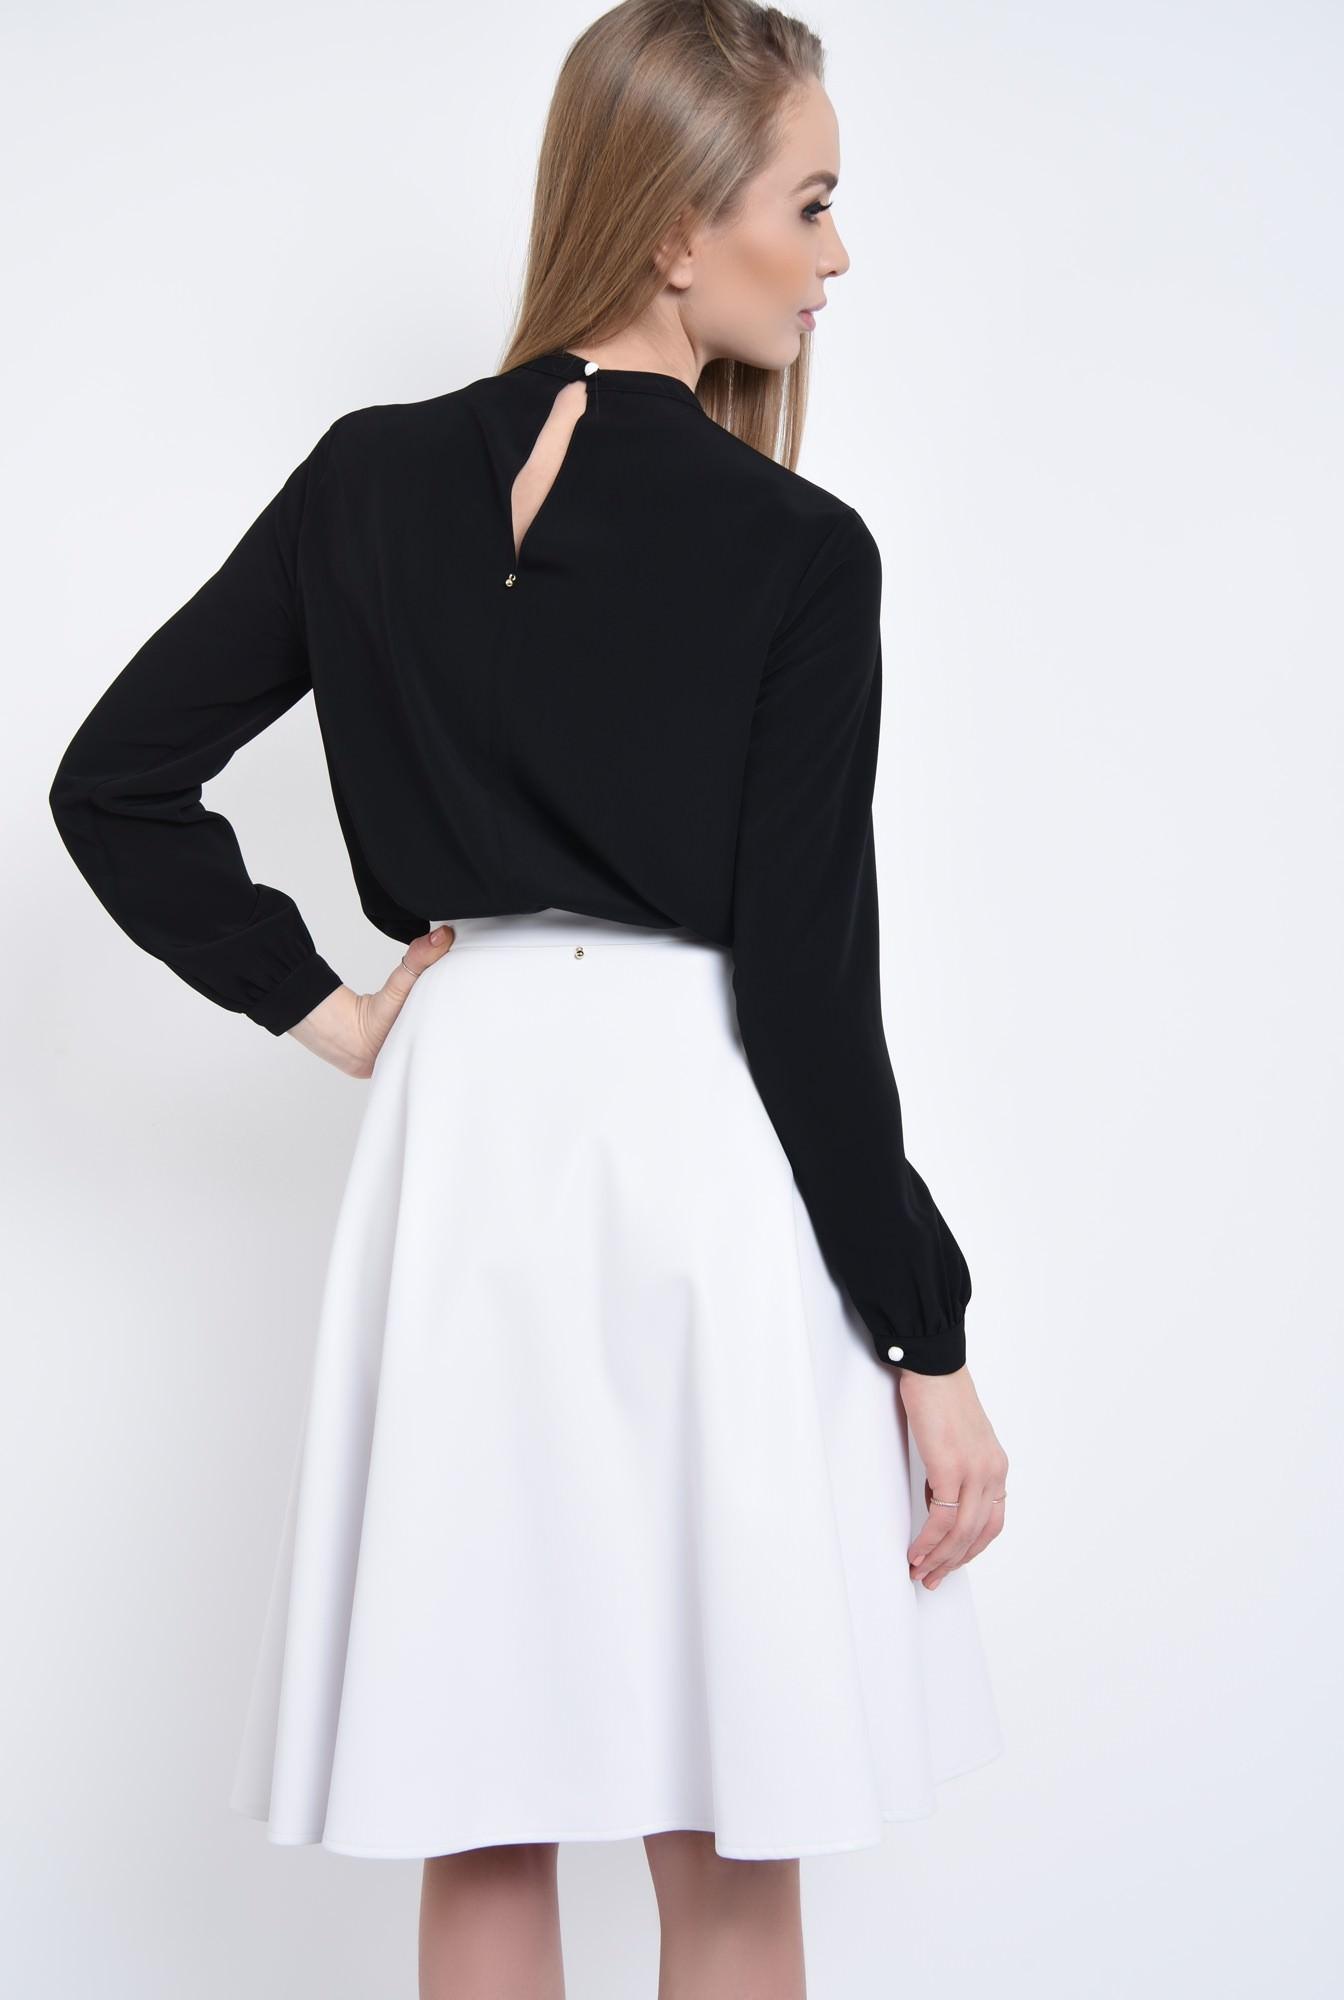 1 - Bluza neagra, maneci bufante, mansete